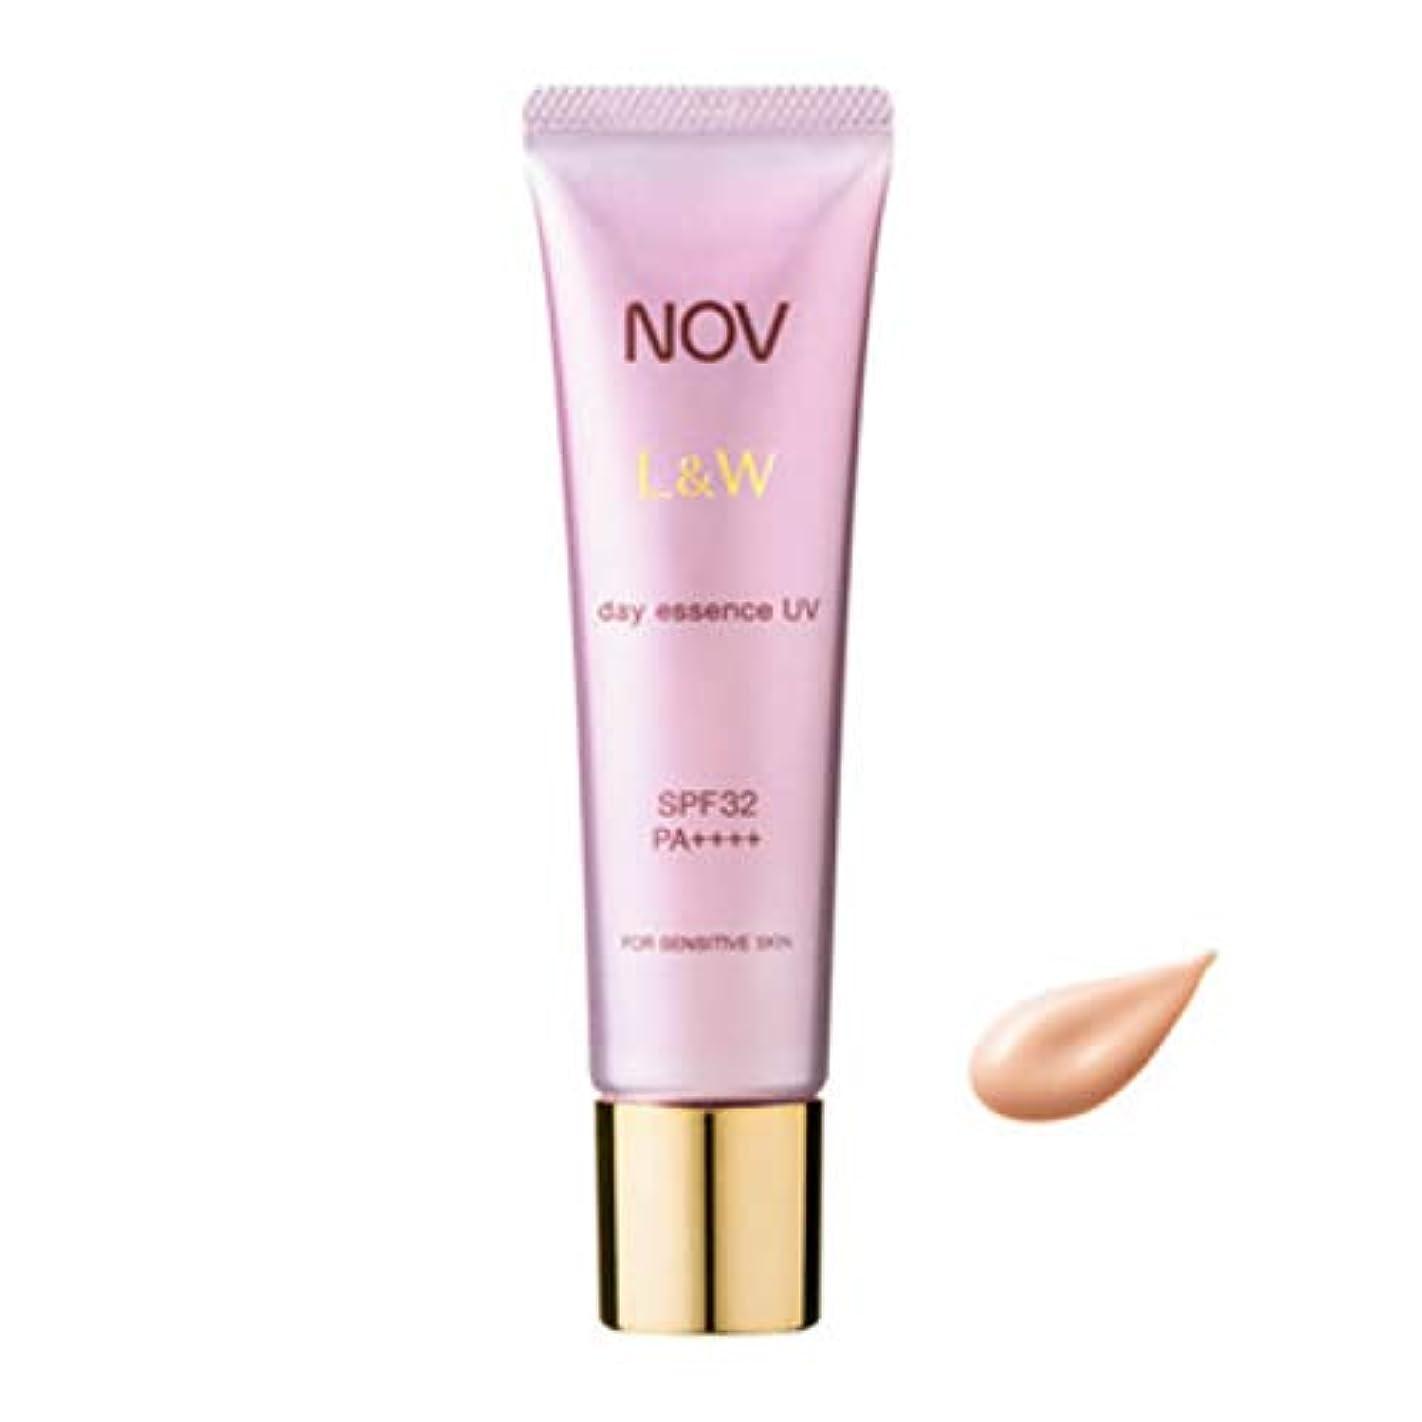 目を覚ます賞賛する打倒NOV ノブ L&W デイエッセンス UV 30g 日中用美容液 SPF32?PA++++ [並行輸入品]